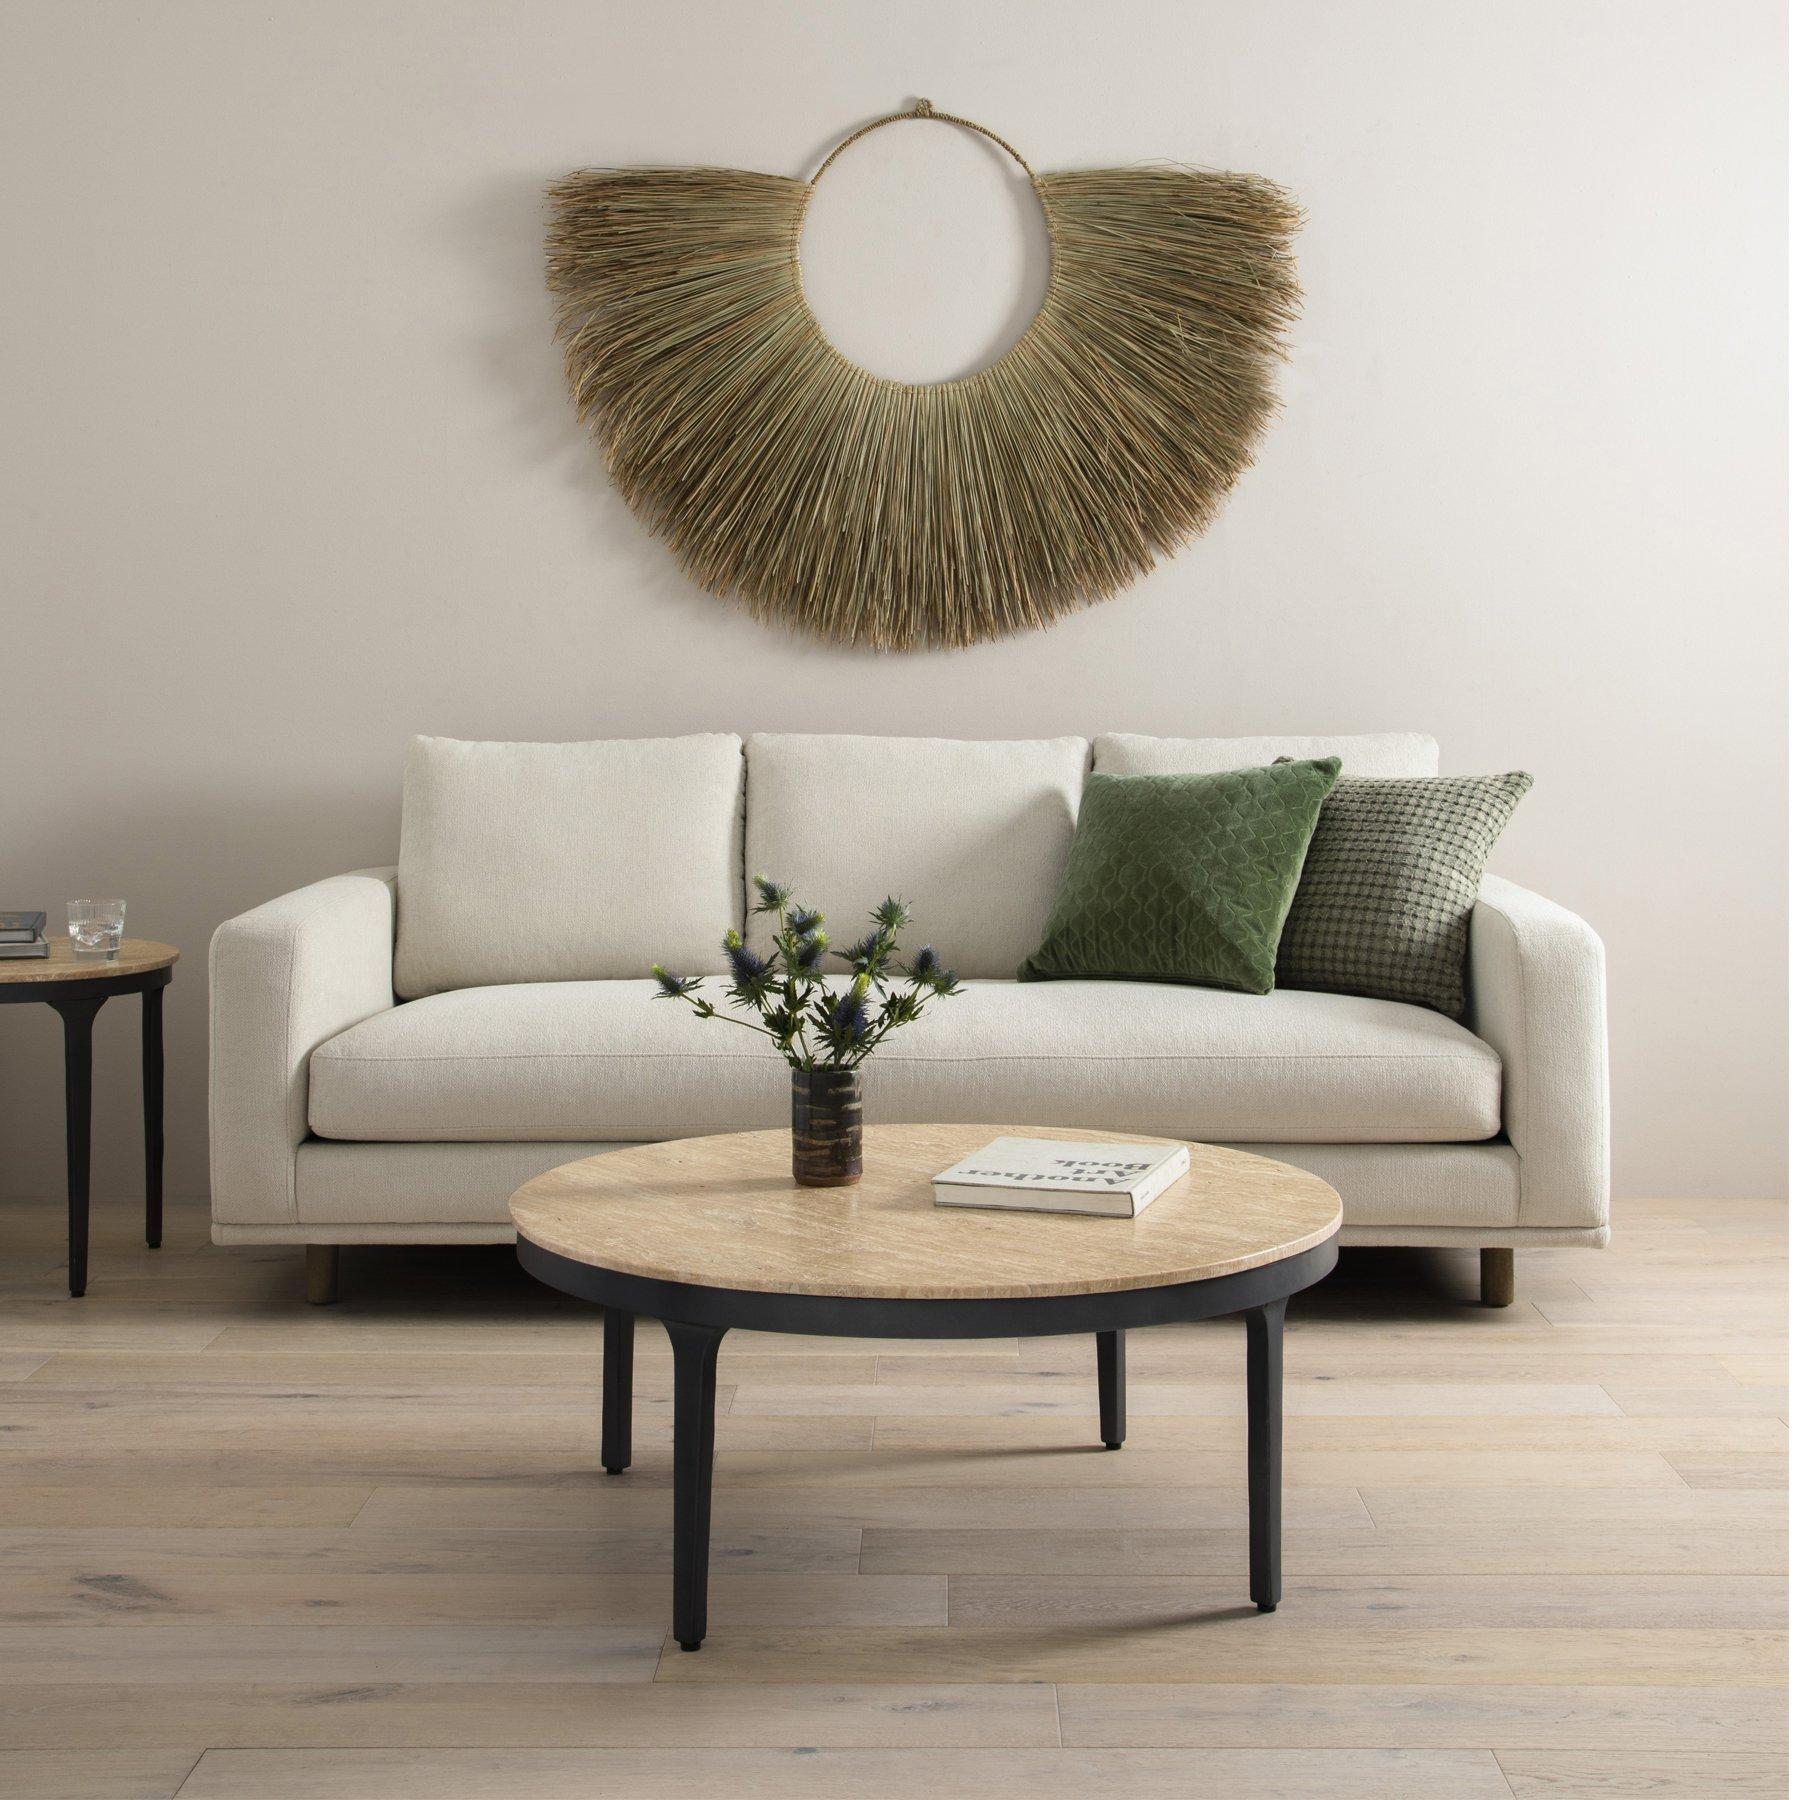 Modern palm leaf wall hanging